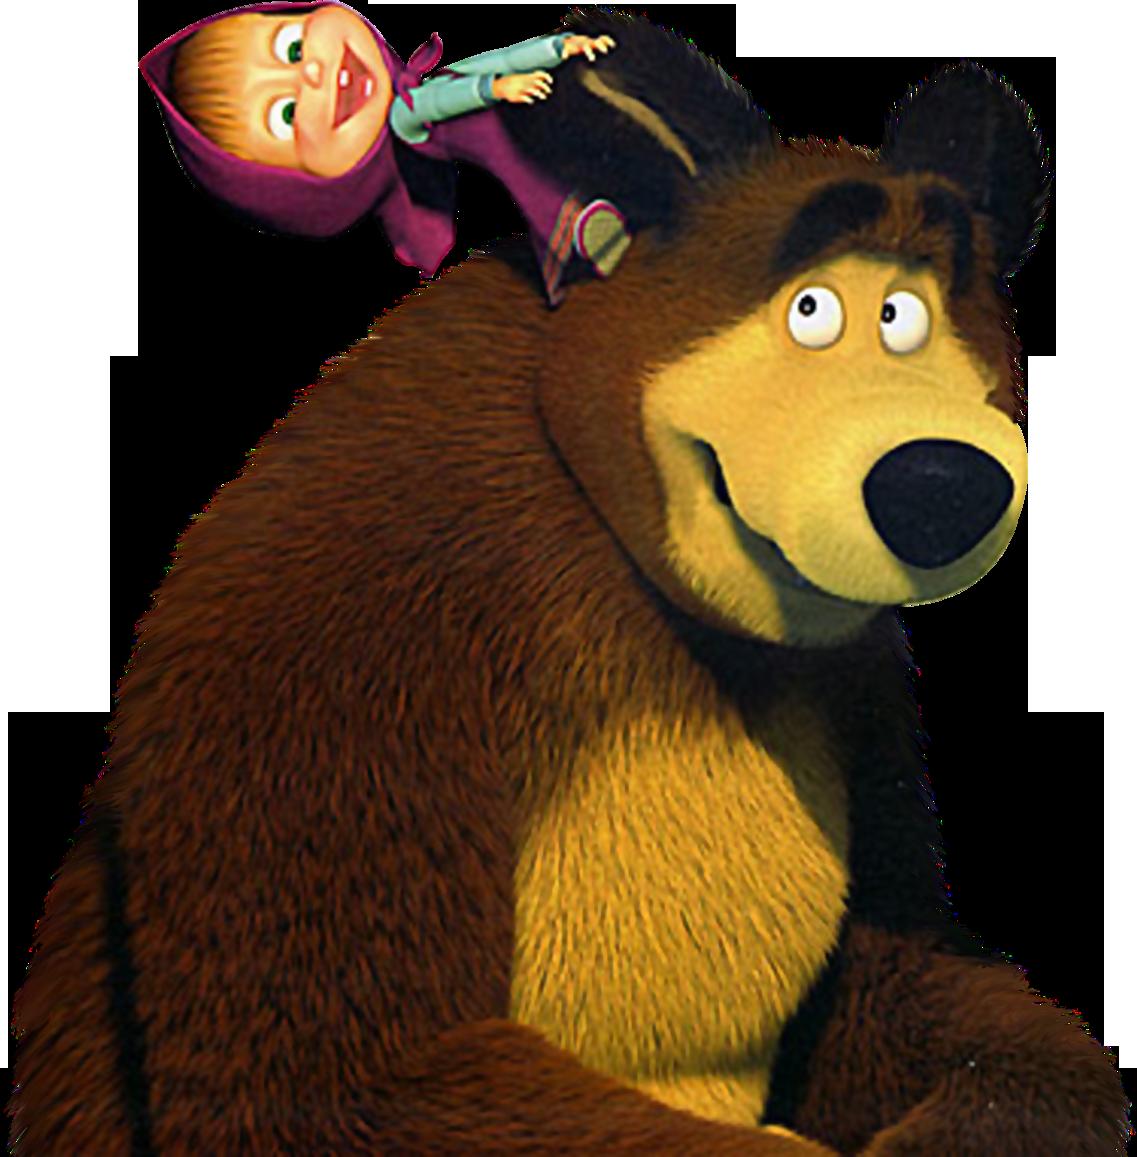 маша и медведь картинки на прозрачном фоне магазин ювелирных украшений